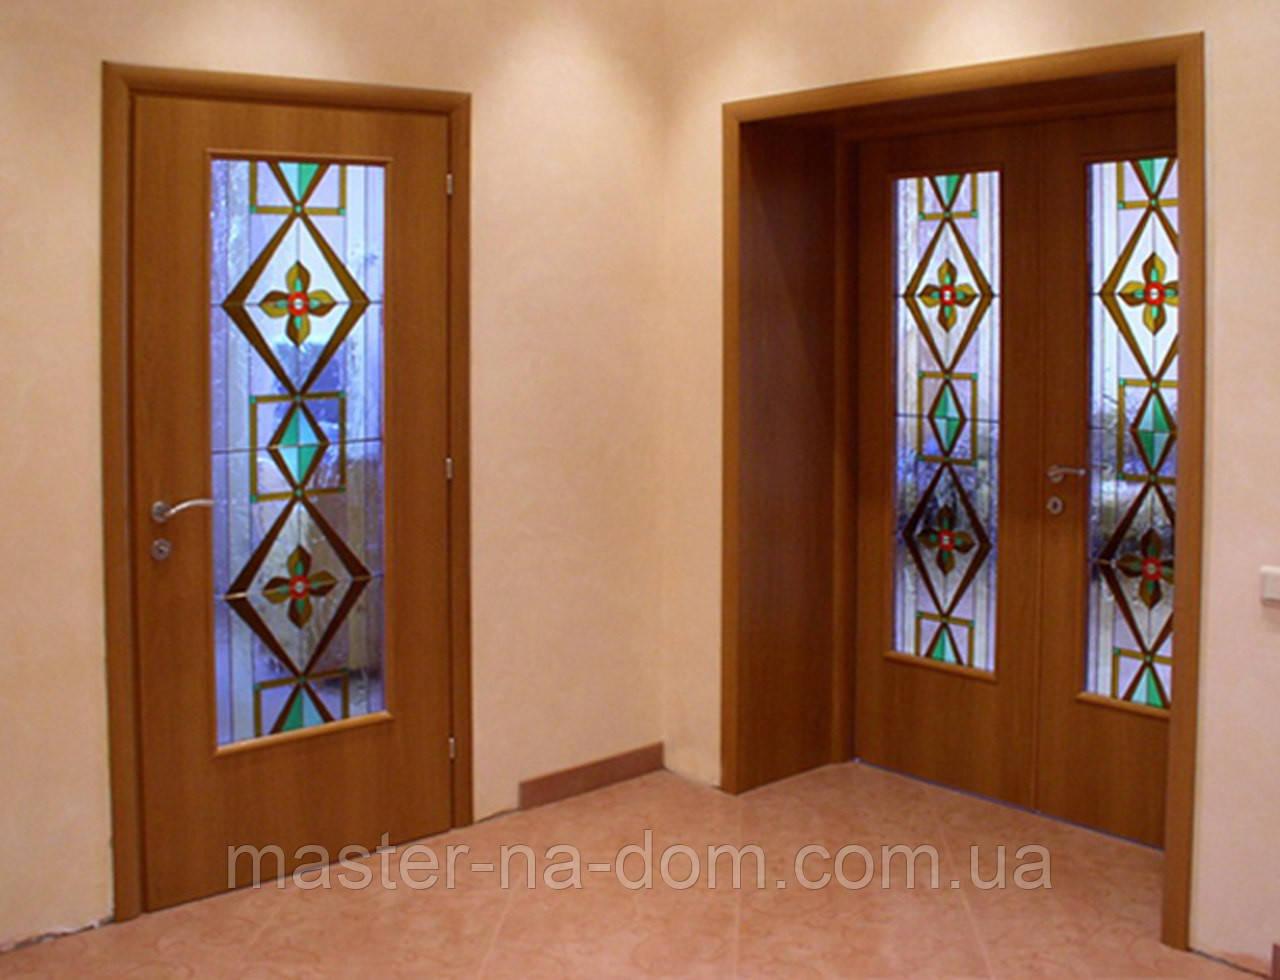 Установка входных и межкомнатных дверей в Одессе